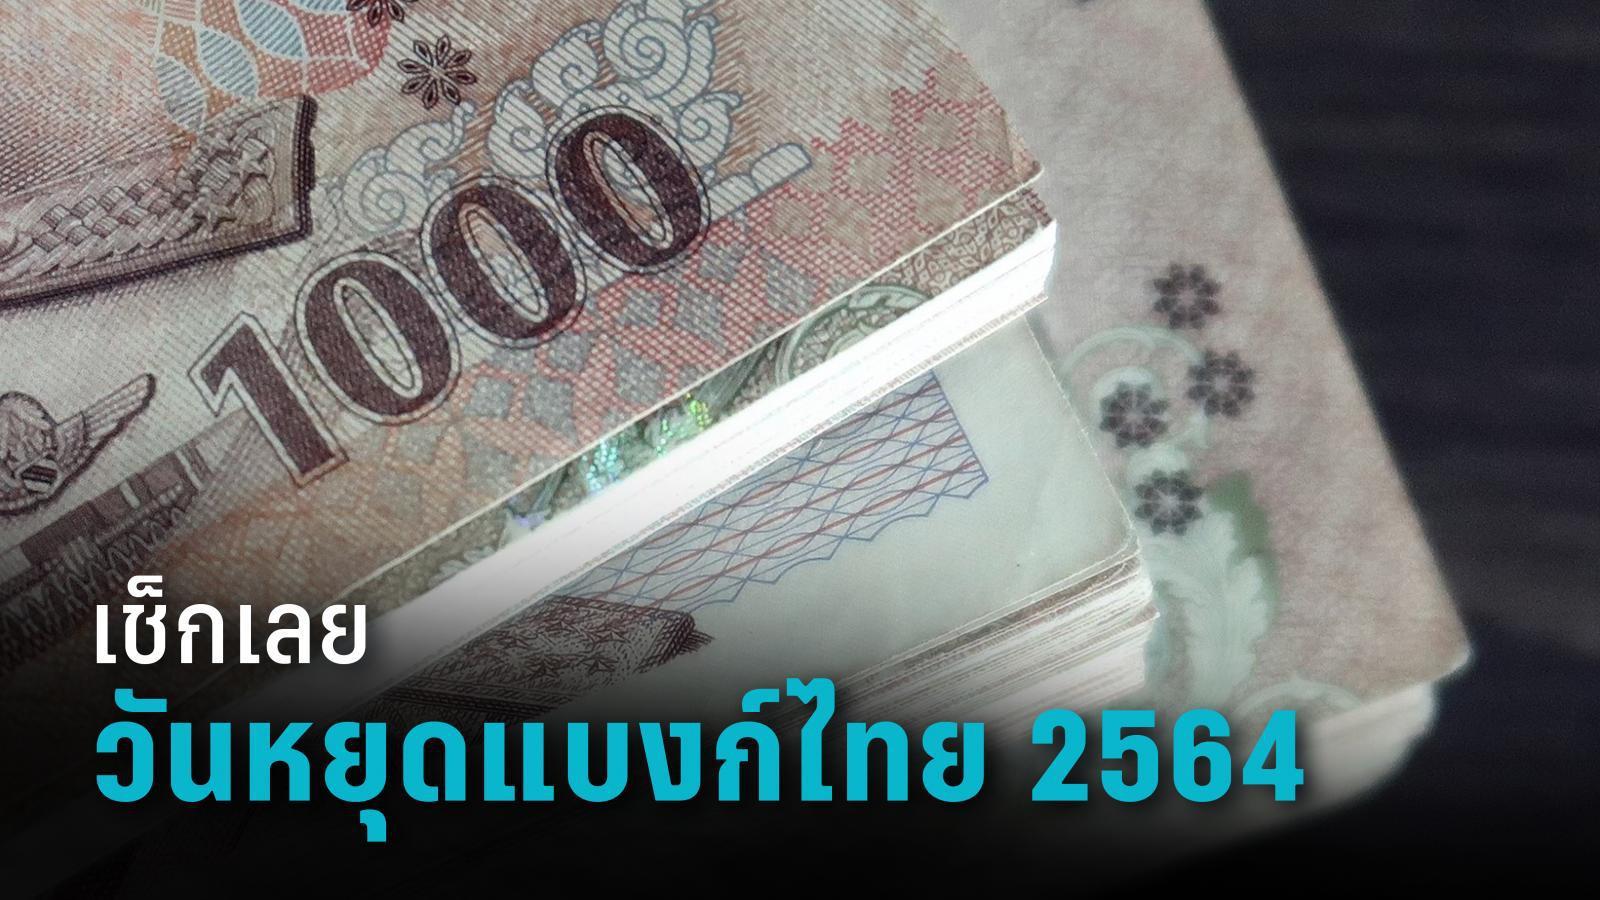 เช็กวันหยุดแบงก์ไทยประจำปี 2564